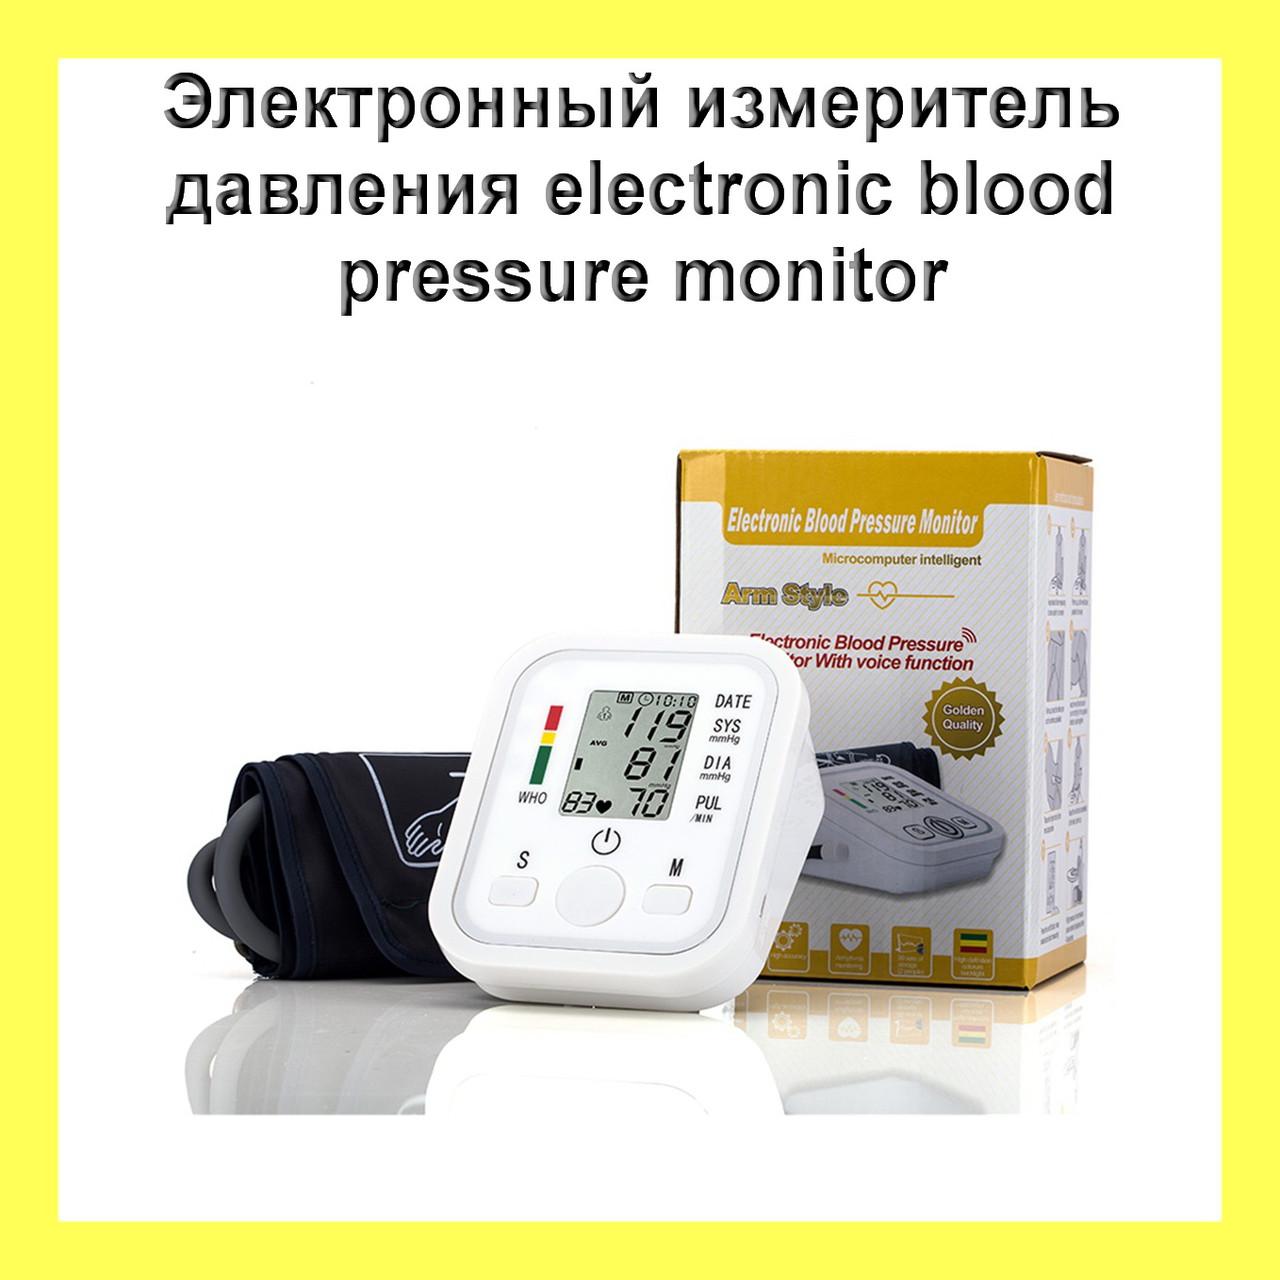 """Электронный измеритель давления electronic blood pressure monitor Arm style!Опт - Магазин """"BINZA"""" в Броварах"""